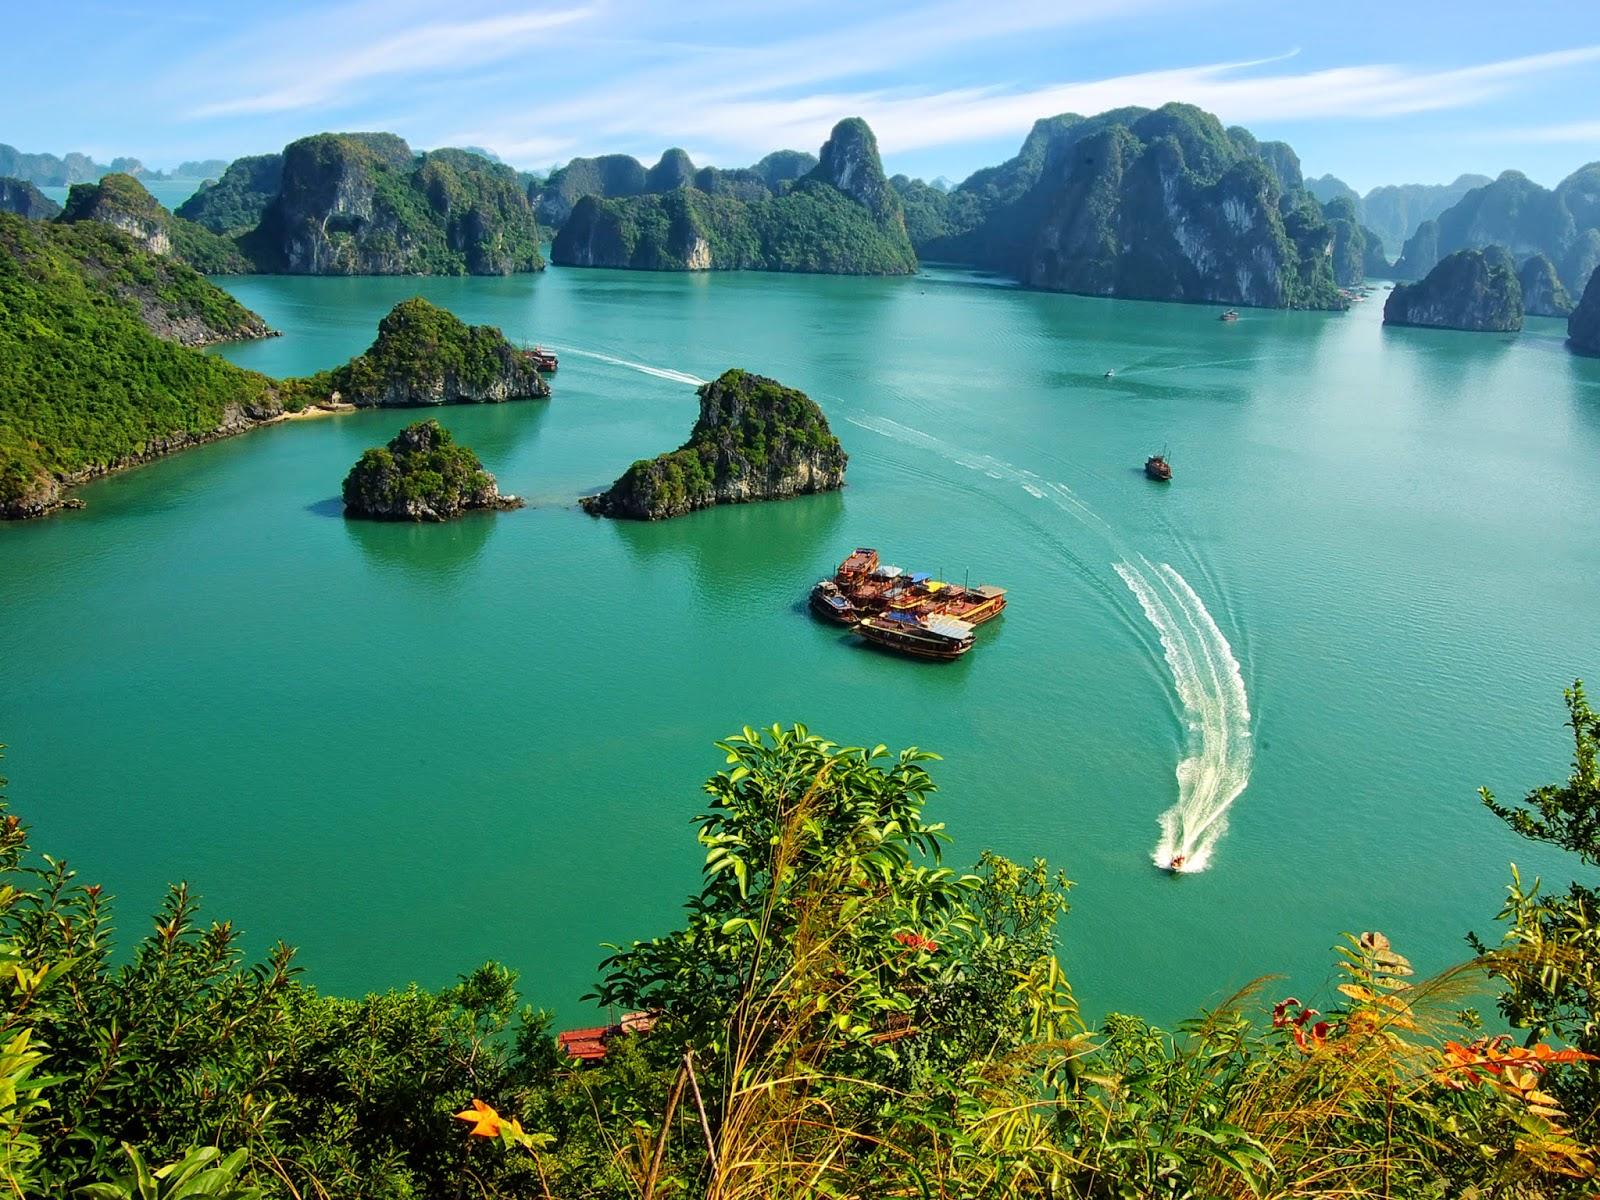 thuê xe đi vịnh Hạ Long